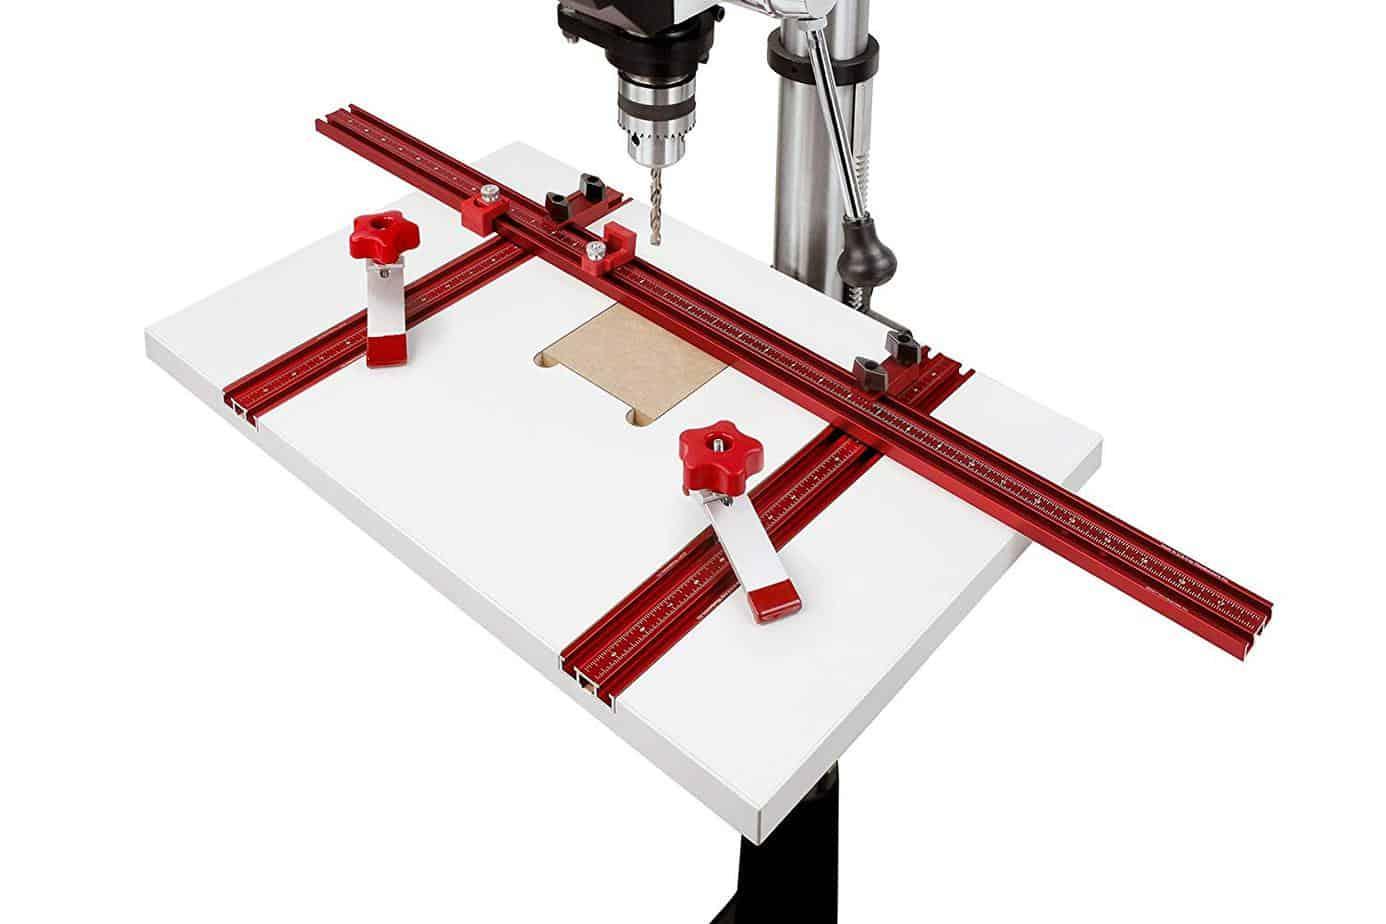 Woodpeckers Precision Drill Press Table